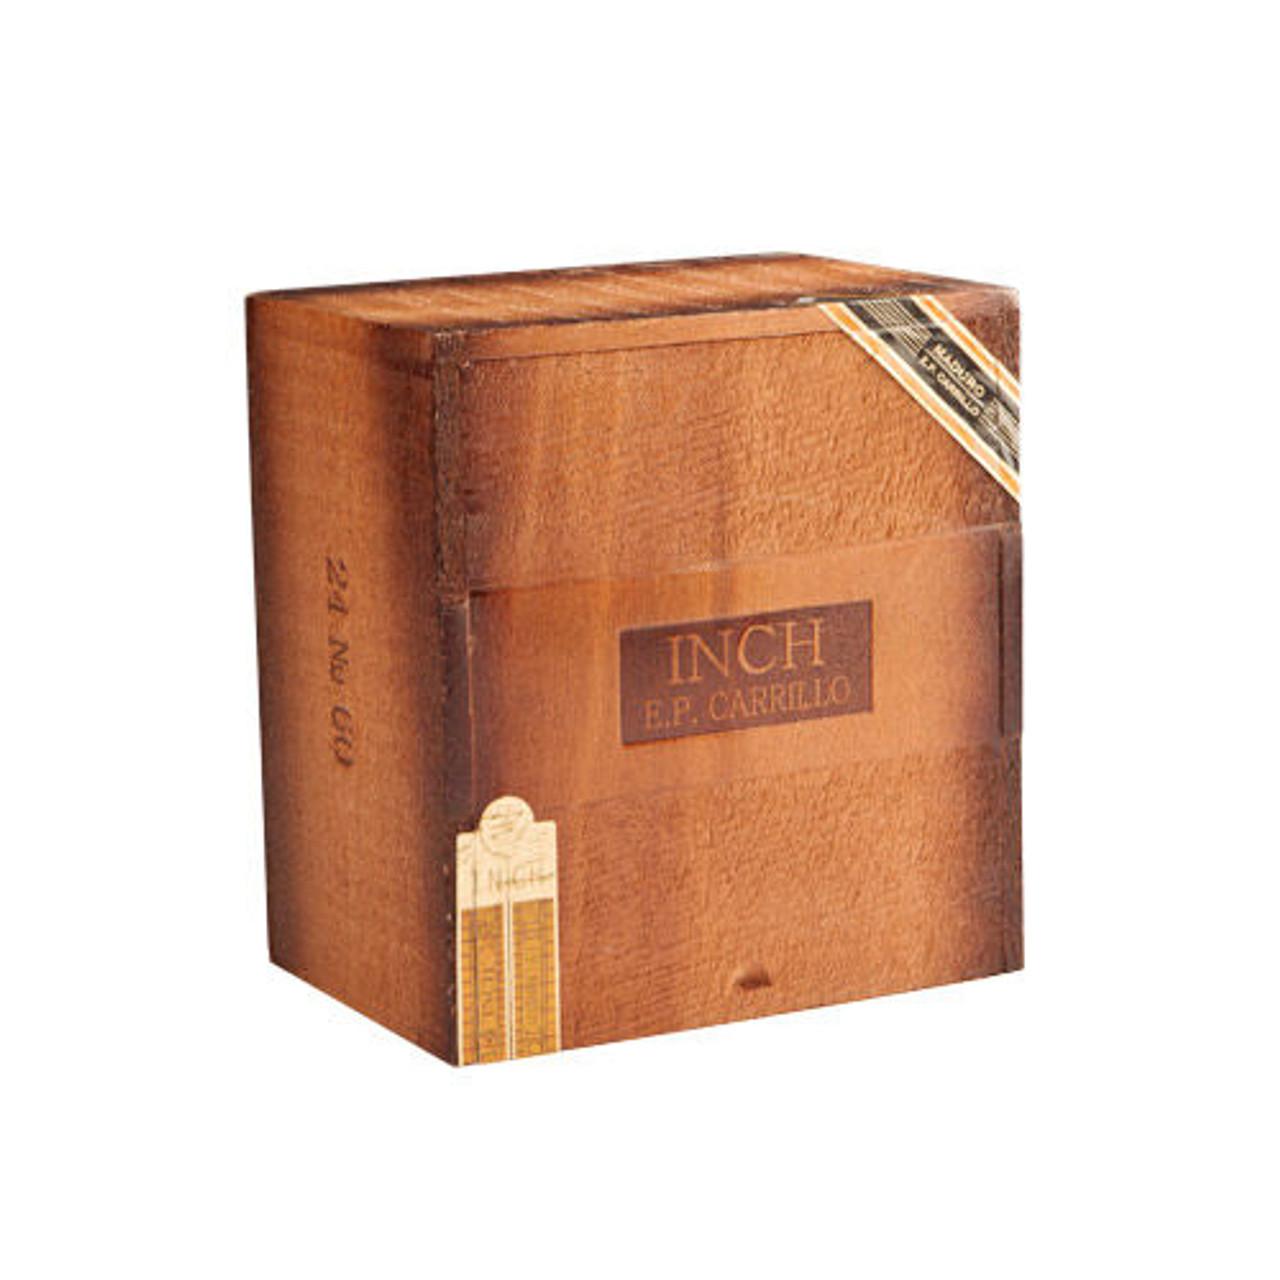 INCH Maduro by E.P. Carrillo No. 60 Cigars - 5.88 x 60 (Box of 24)